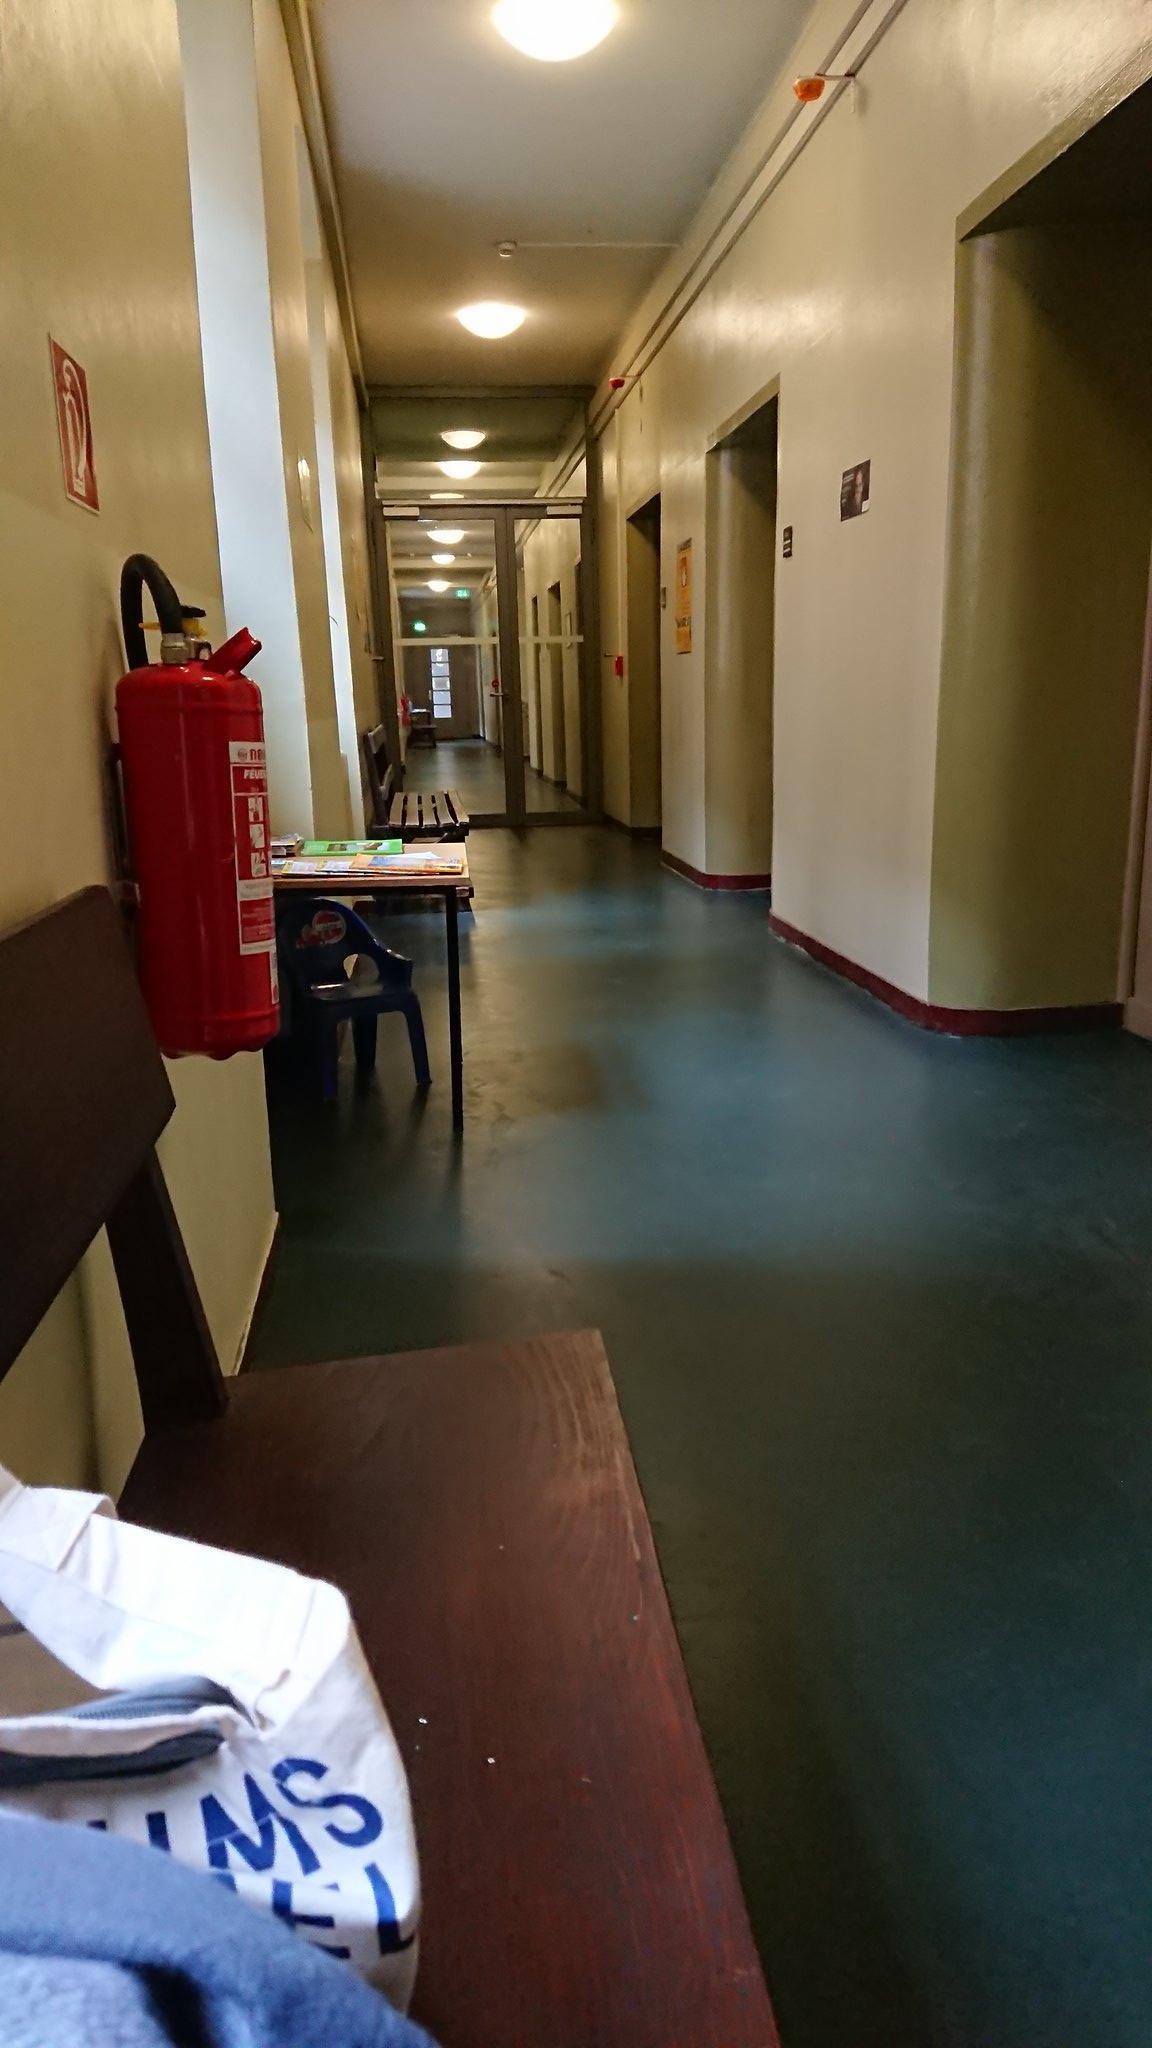 在警局的走廊长椅上看书